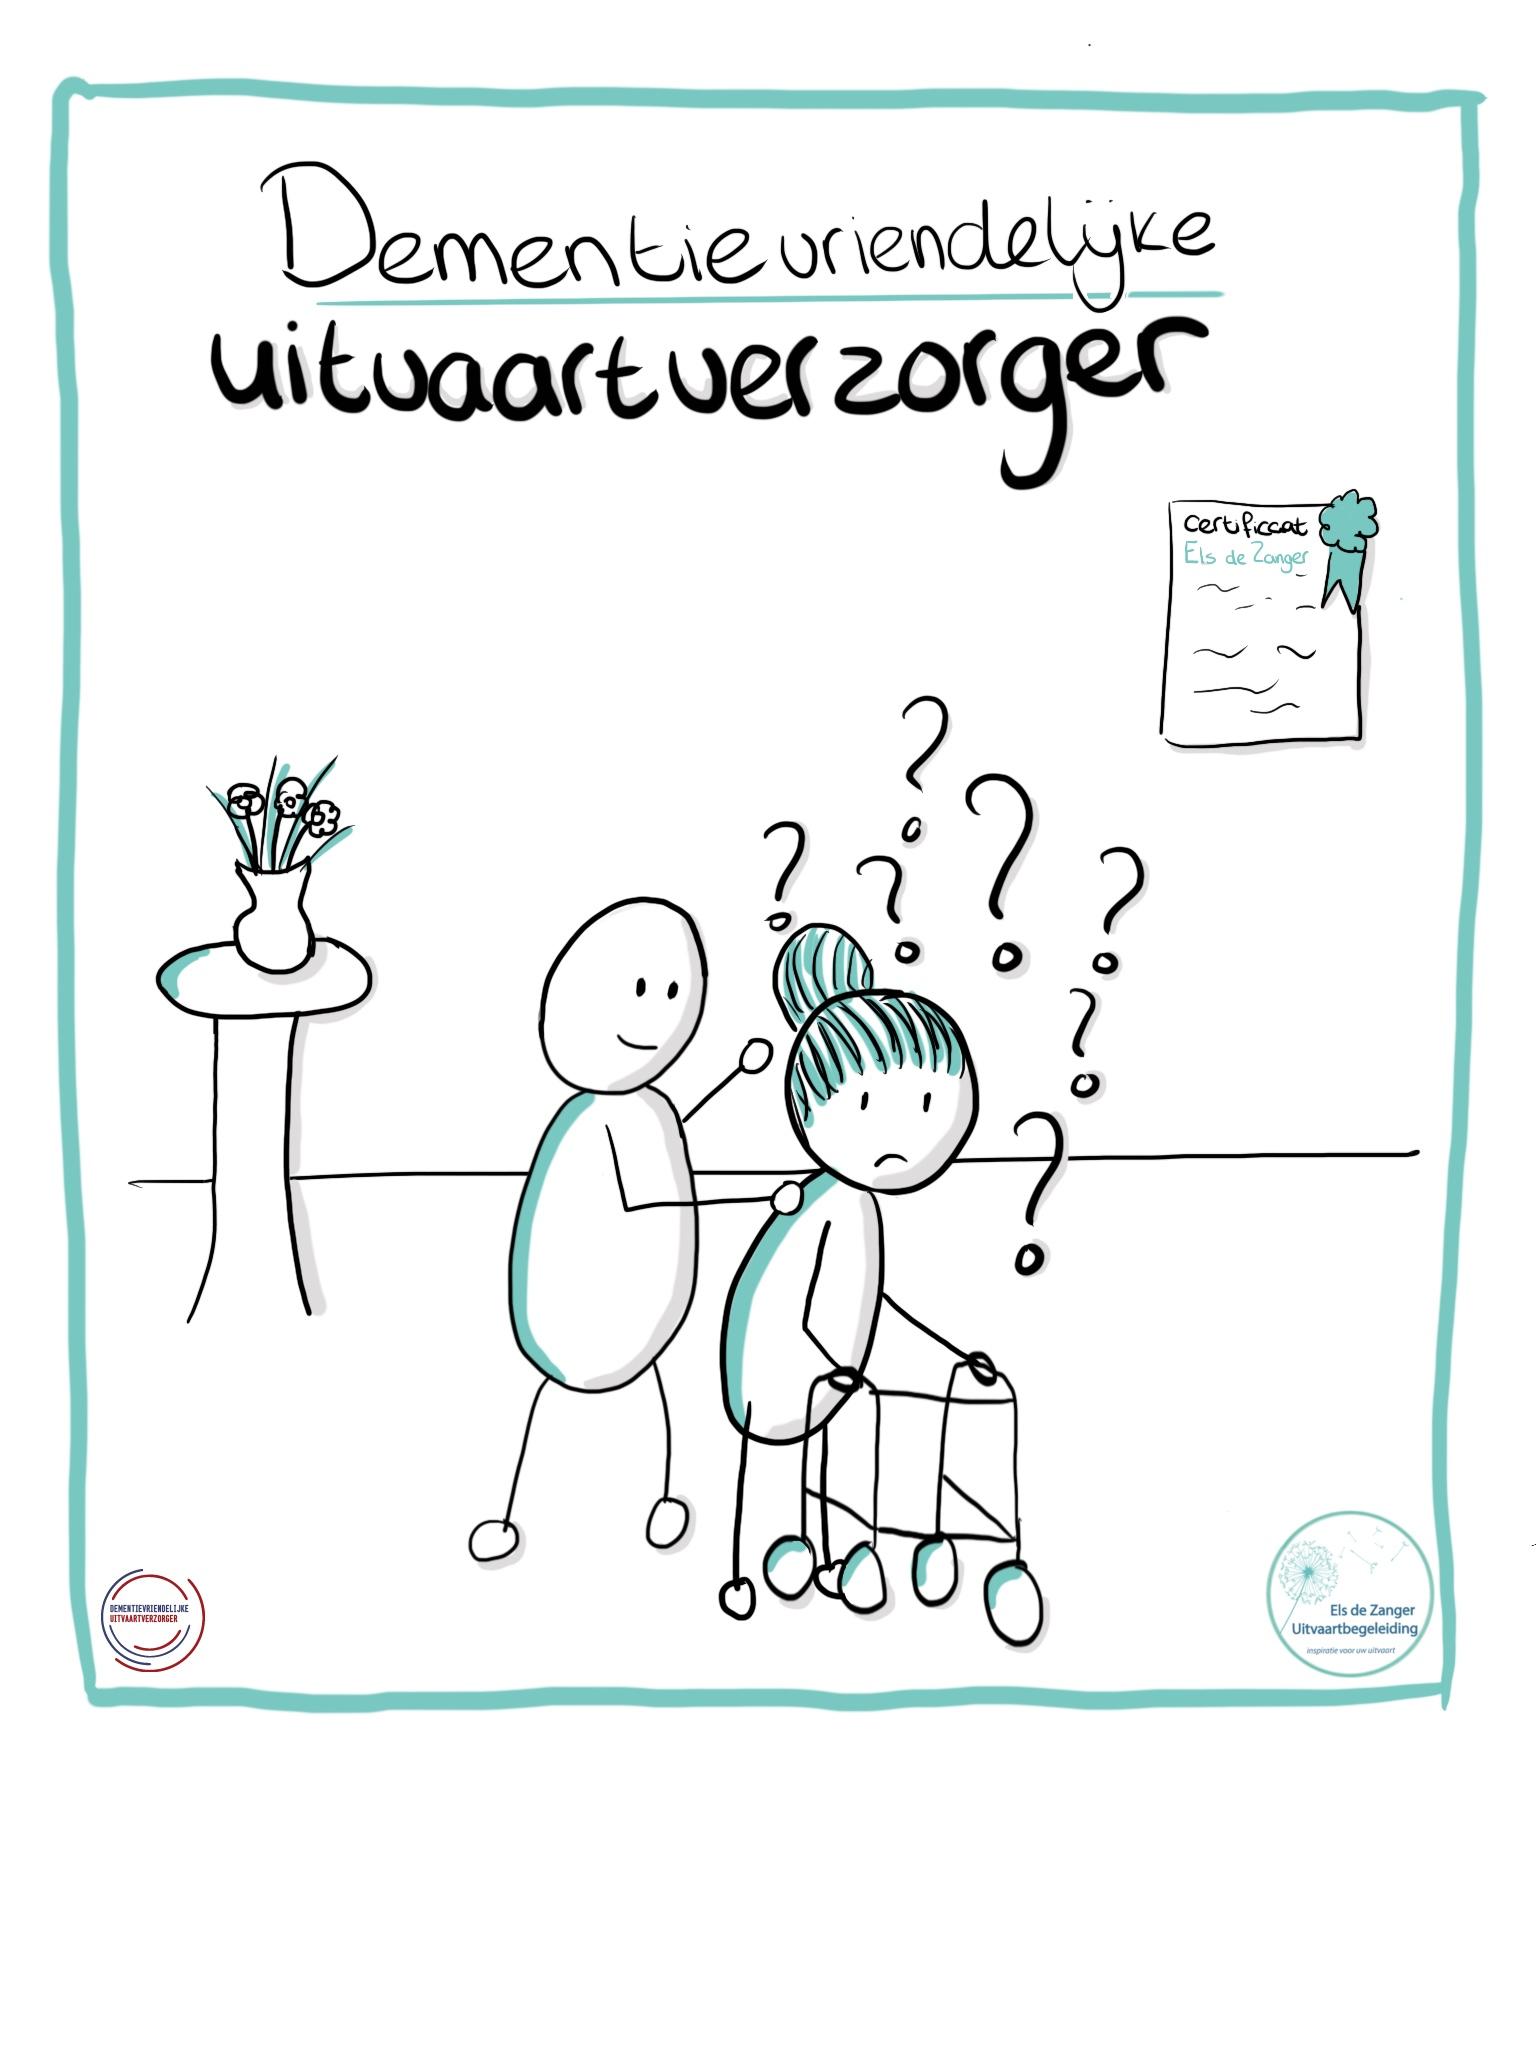 Els de Zanger Uitvaartbegeleiding, dementie vriendelijk.